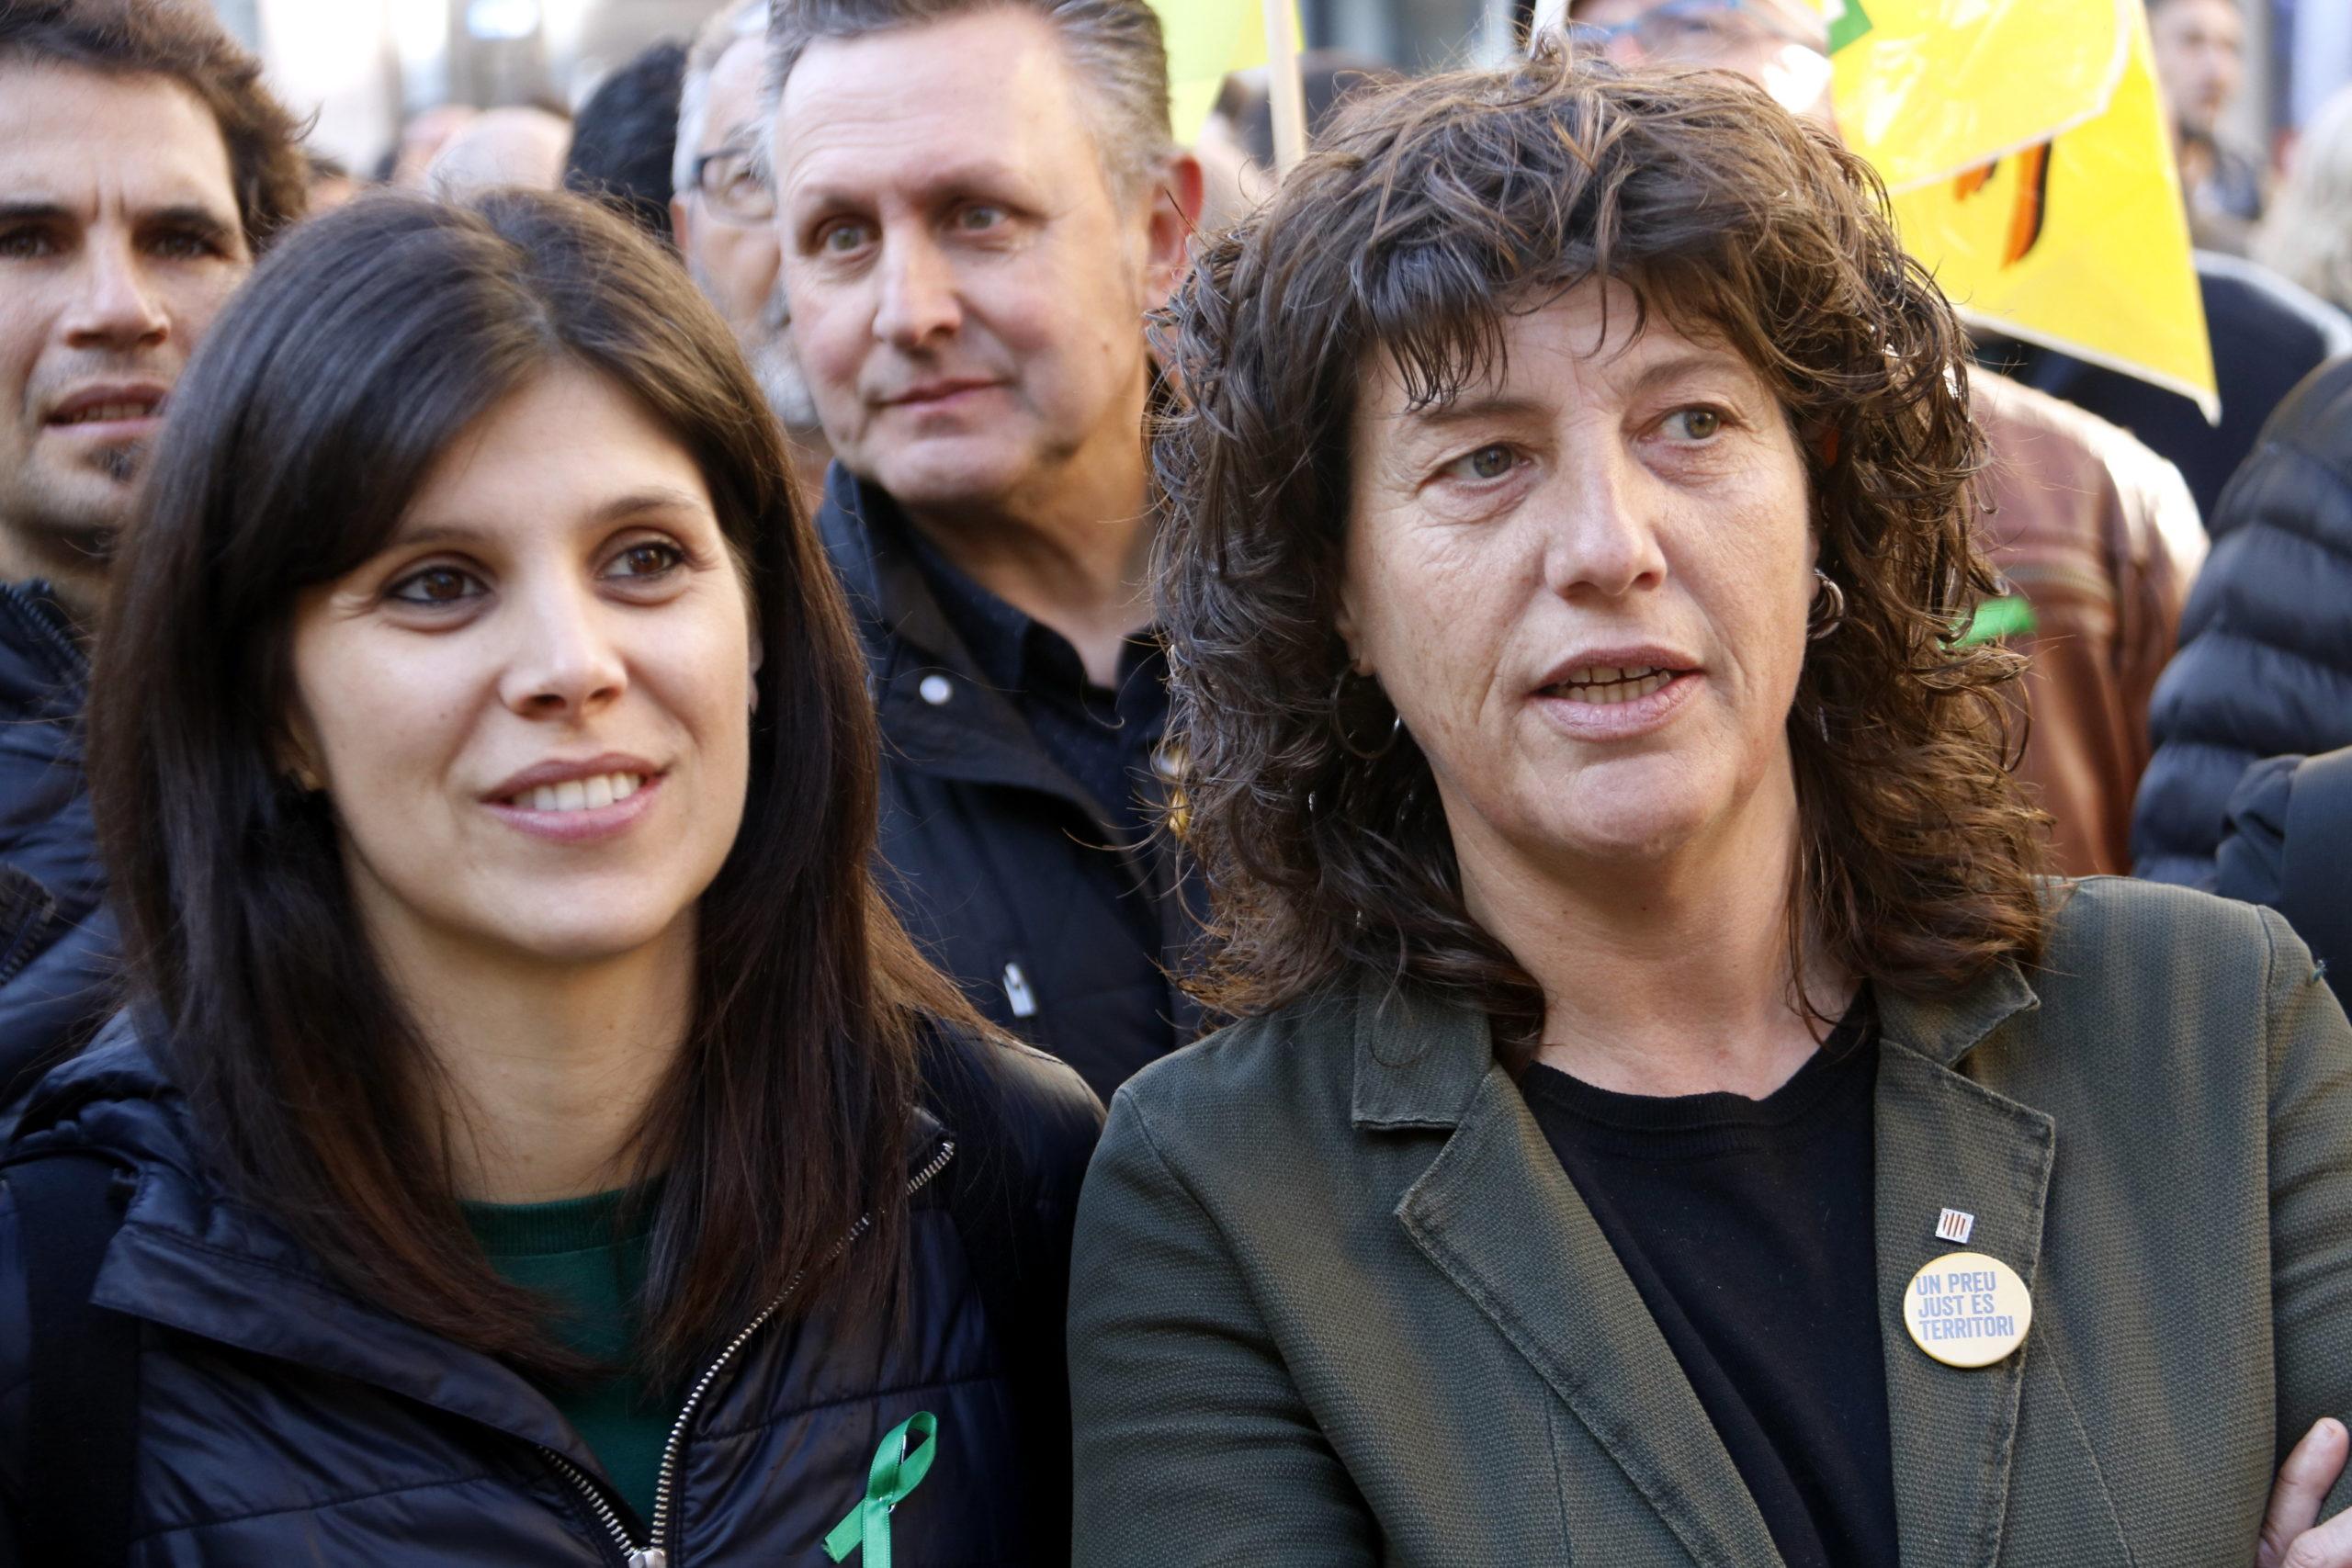 La consellera d'Agricultura, Teresa Jordà, i la secretària general adjunta d'ERC, Marta Vilalta, a la manifestació en defensa del món rural a Lleida | ACN